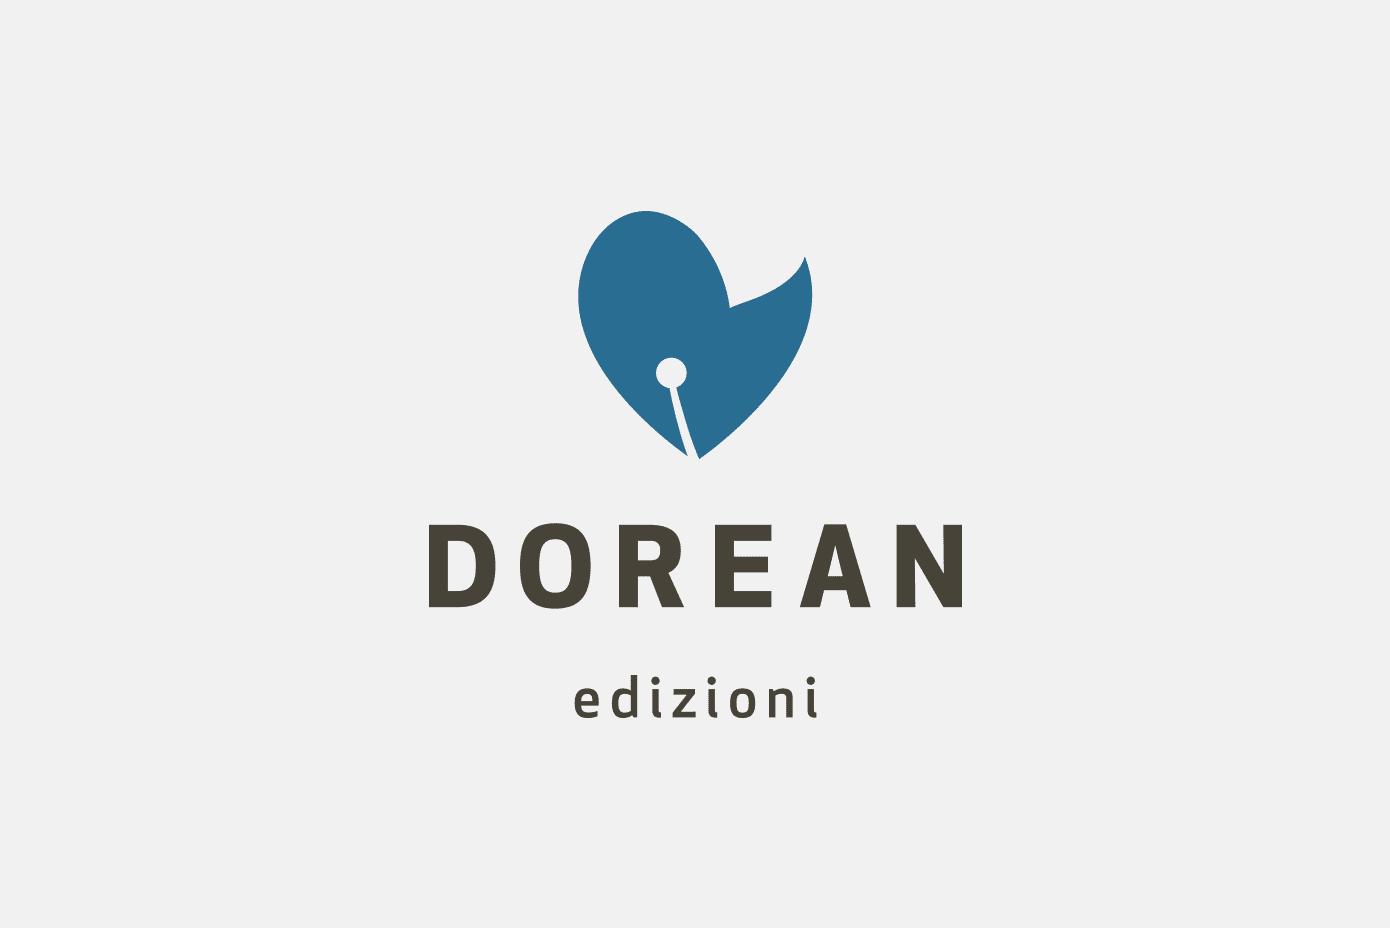 Brand Identity Dorean Edizioni